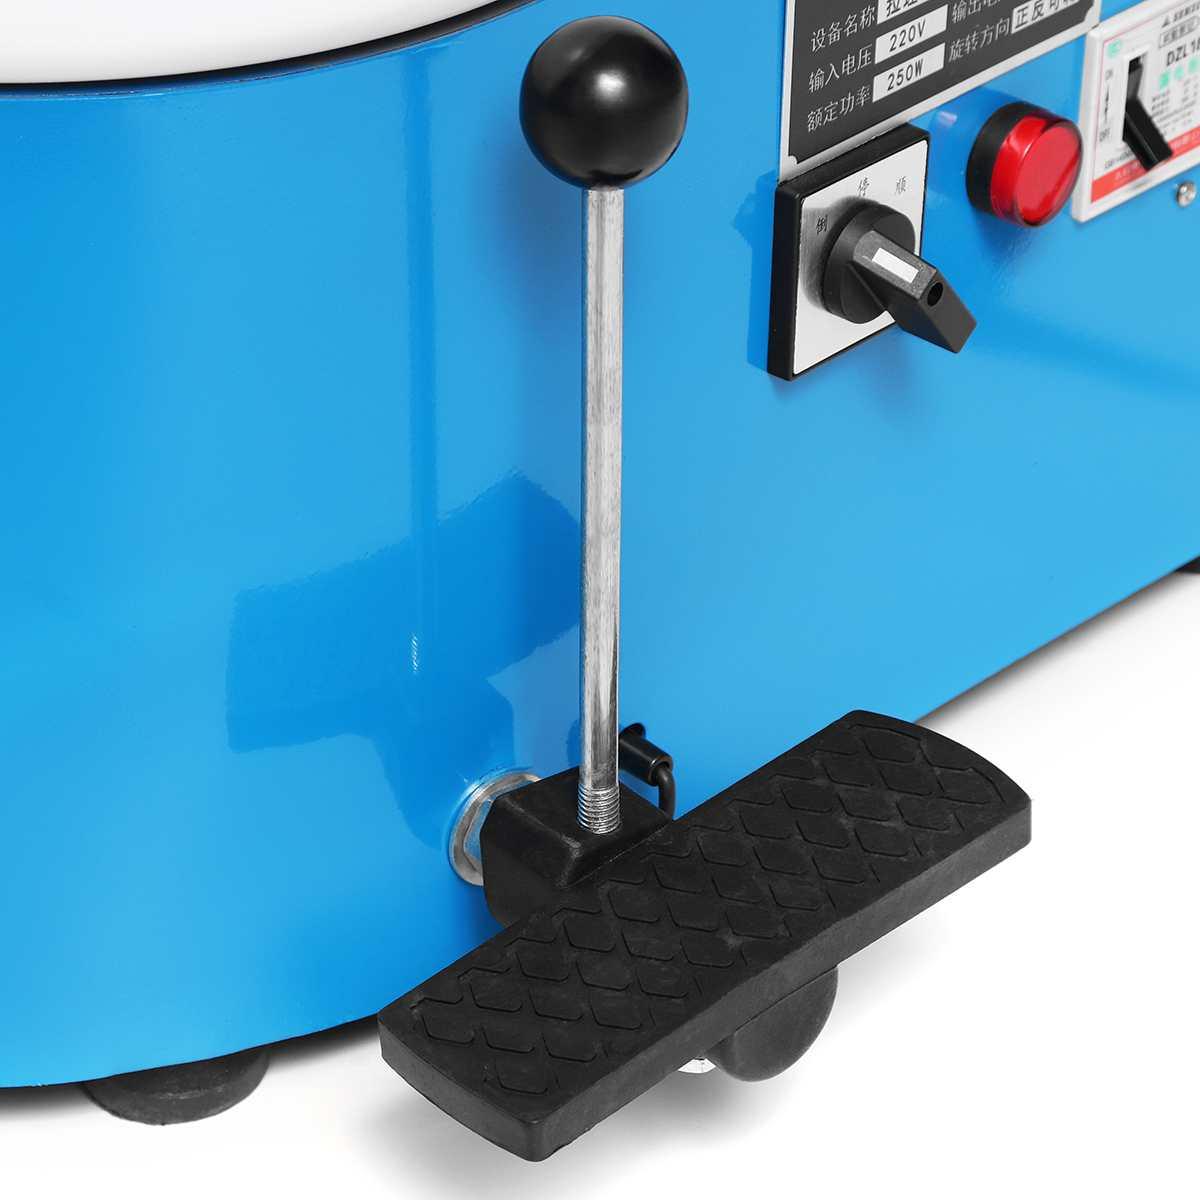 250 W 220 V 25 CM poterie électrique roue Machine céramique poterie formant la Machine argile pour travaux pratiques outil pour barre de poterie - 4